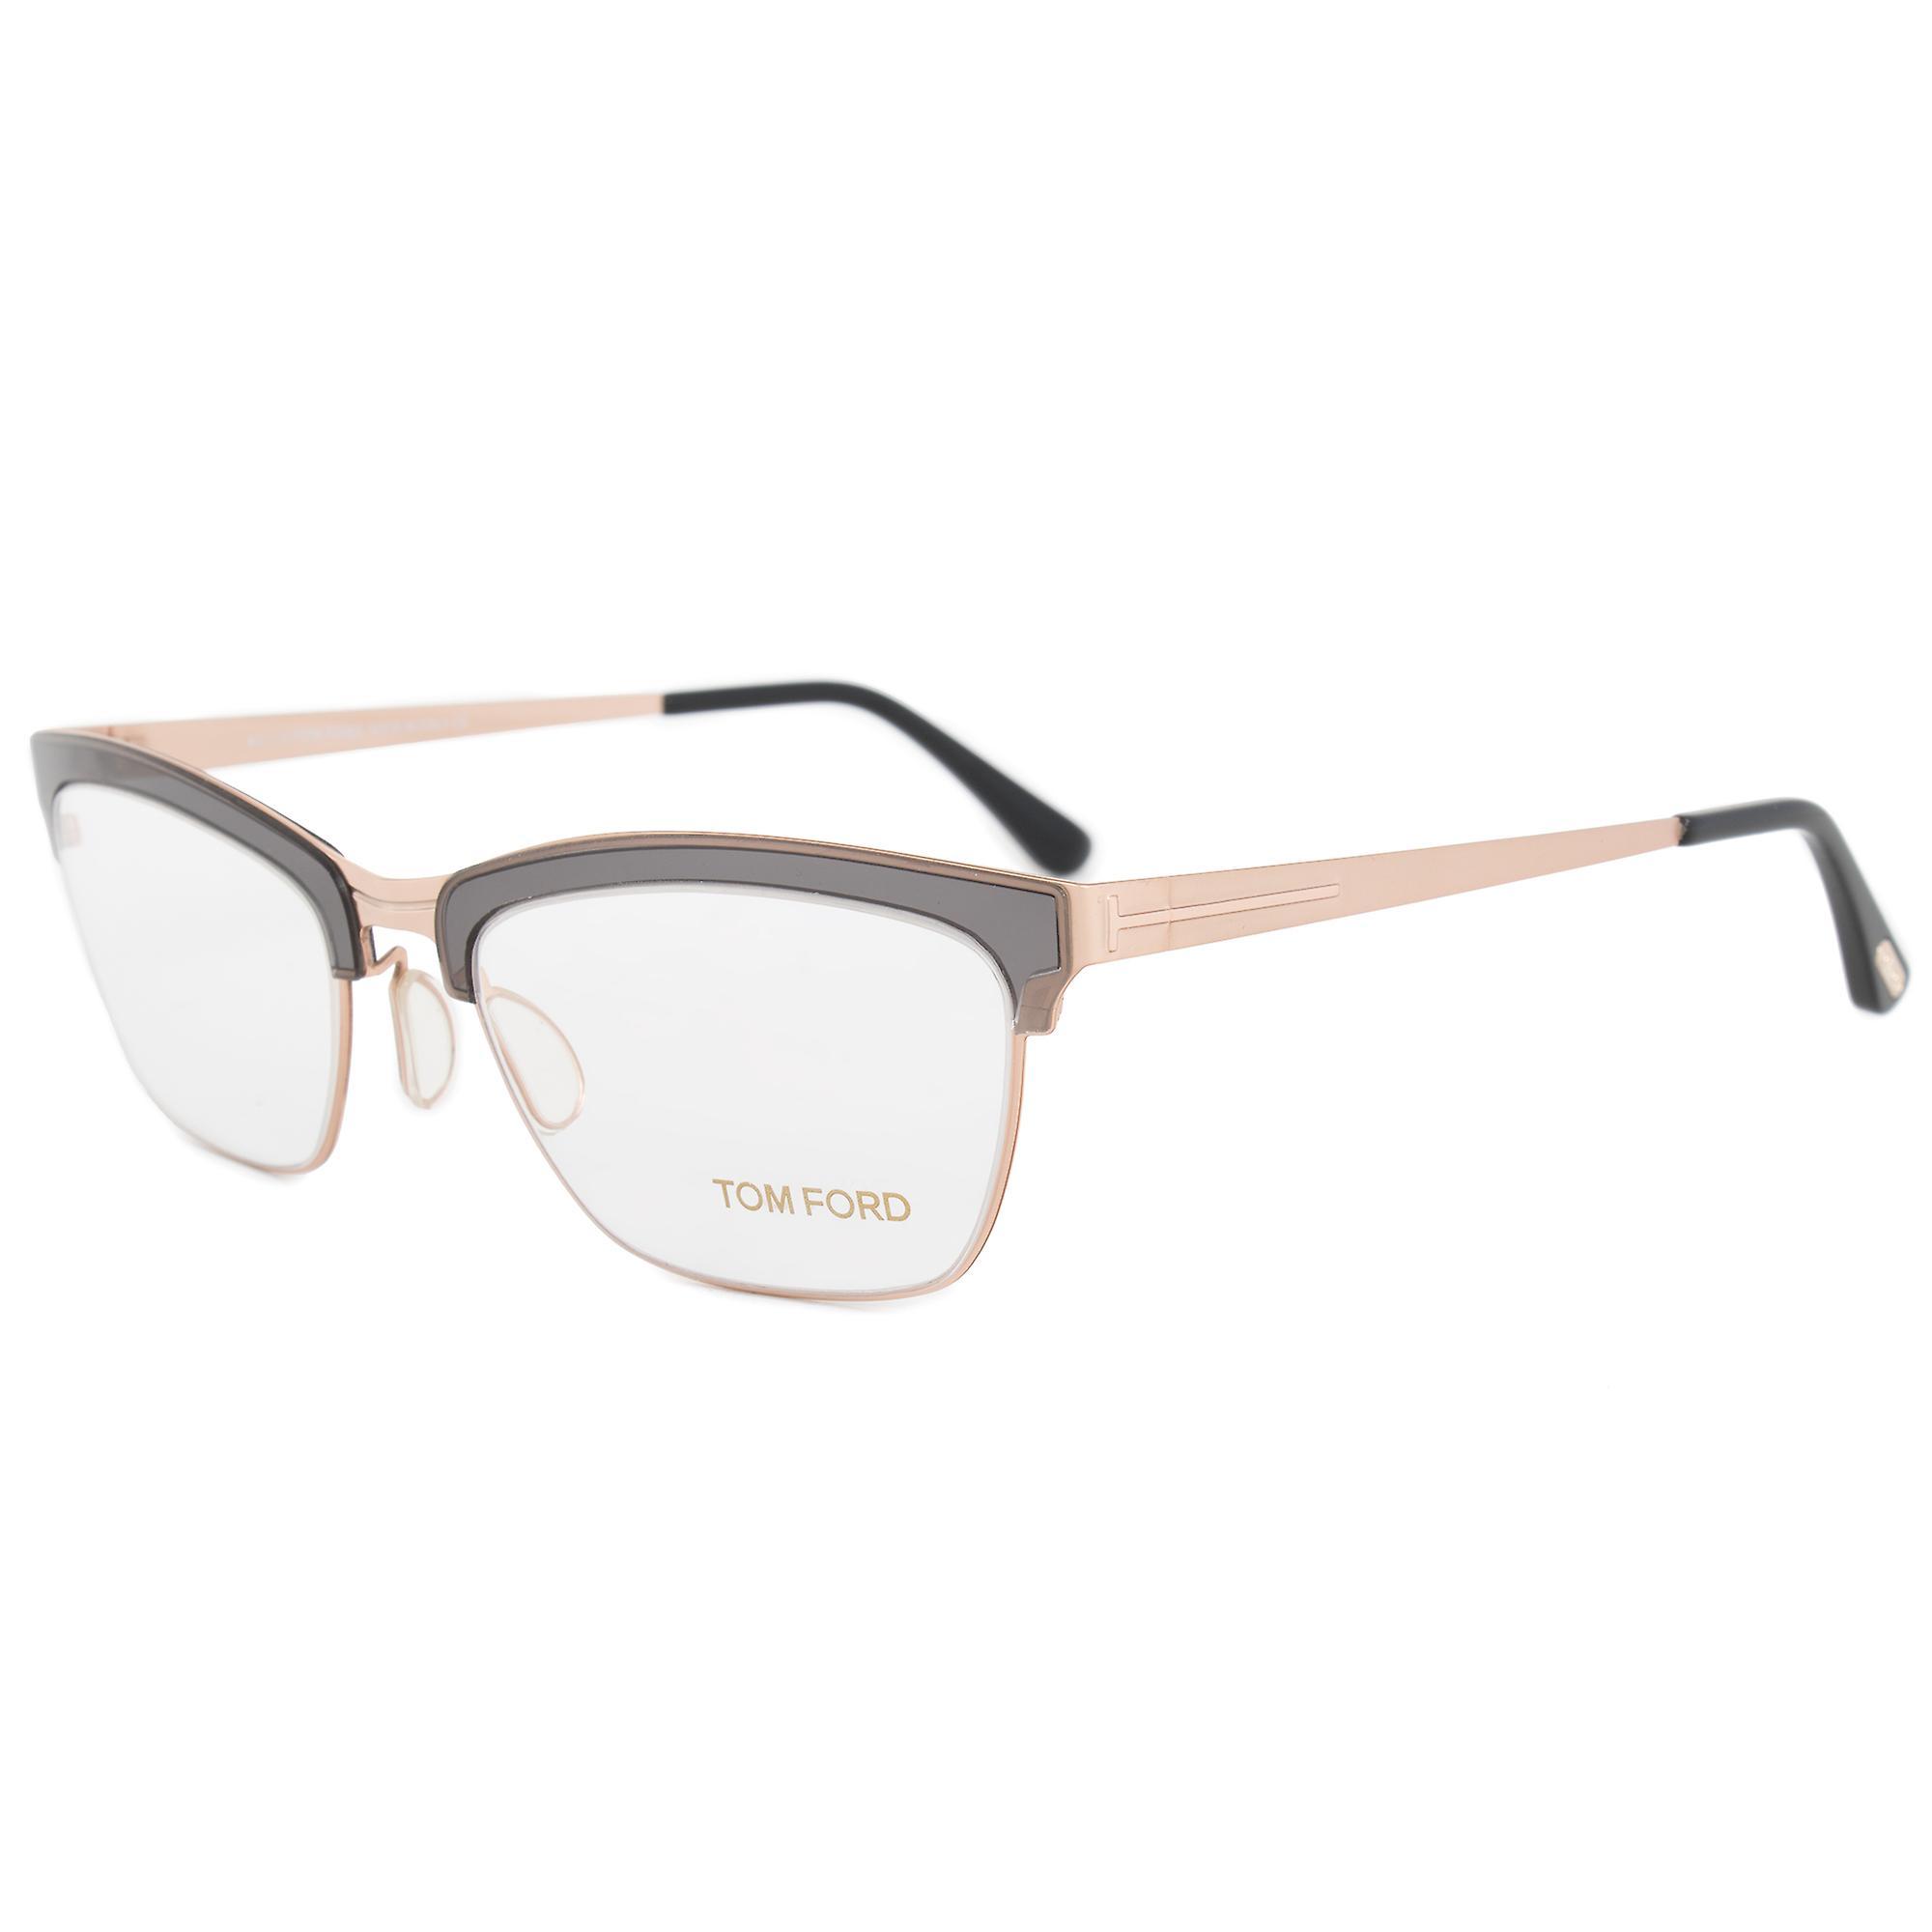 Tom Ford FT5392 020 54 Cat Eye | Gray | Eyeglass Frames